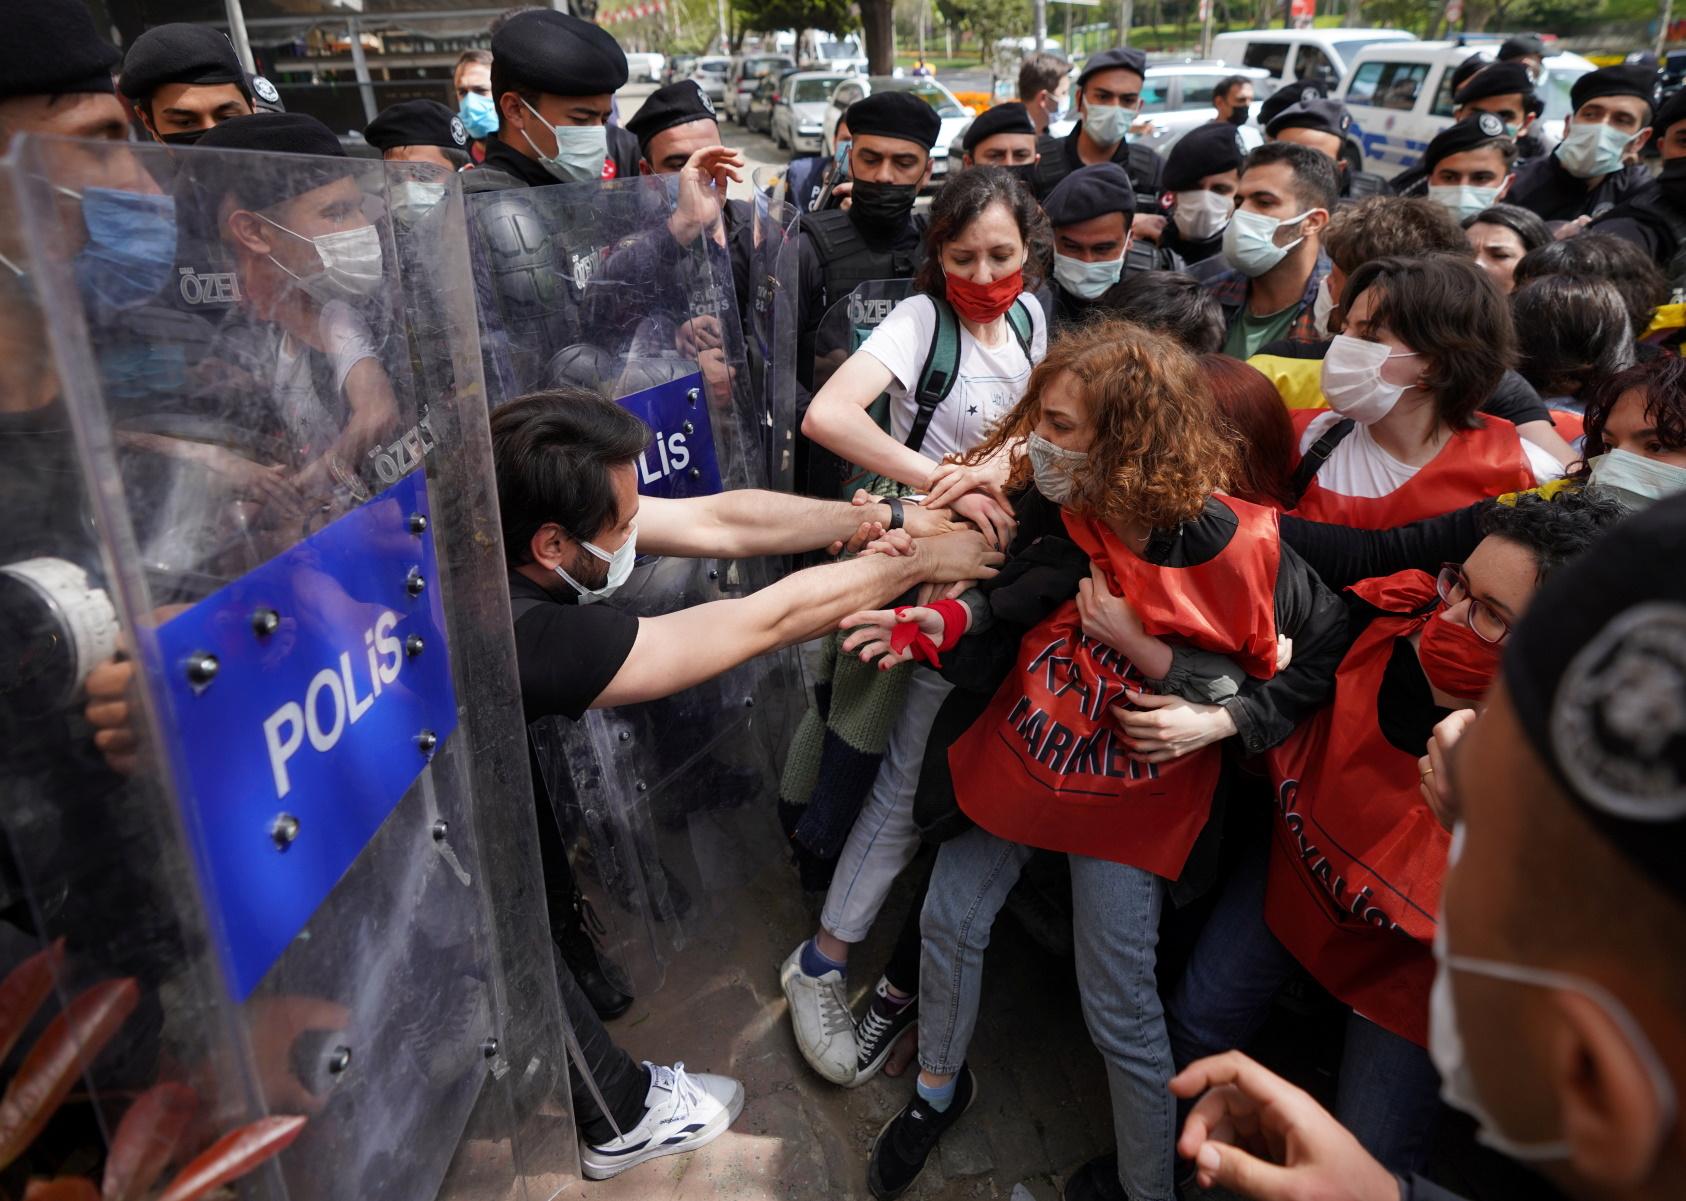 Τουρκία: Βία και καταστολή – Εκατοντάδες συλλήψεις διαδηλωτών για την Εργατική Πρωτομαγιά (pics)